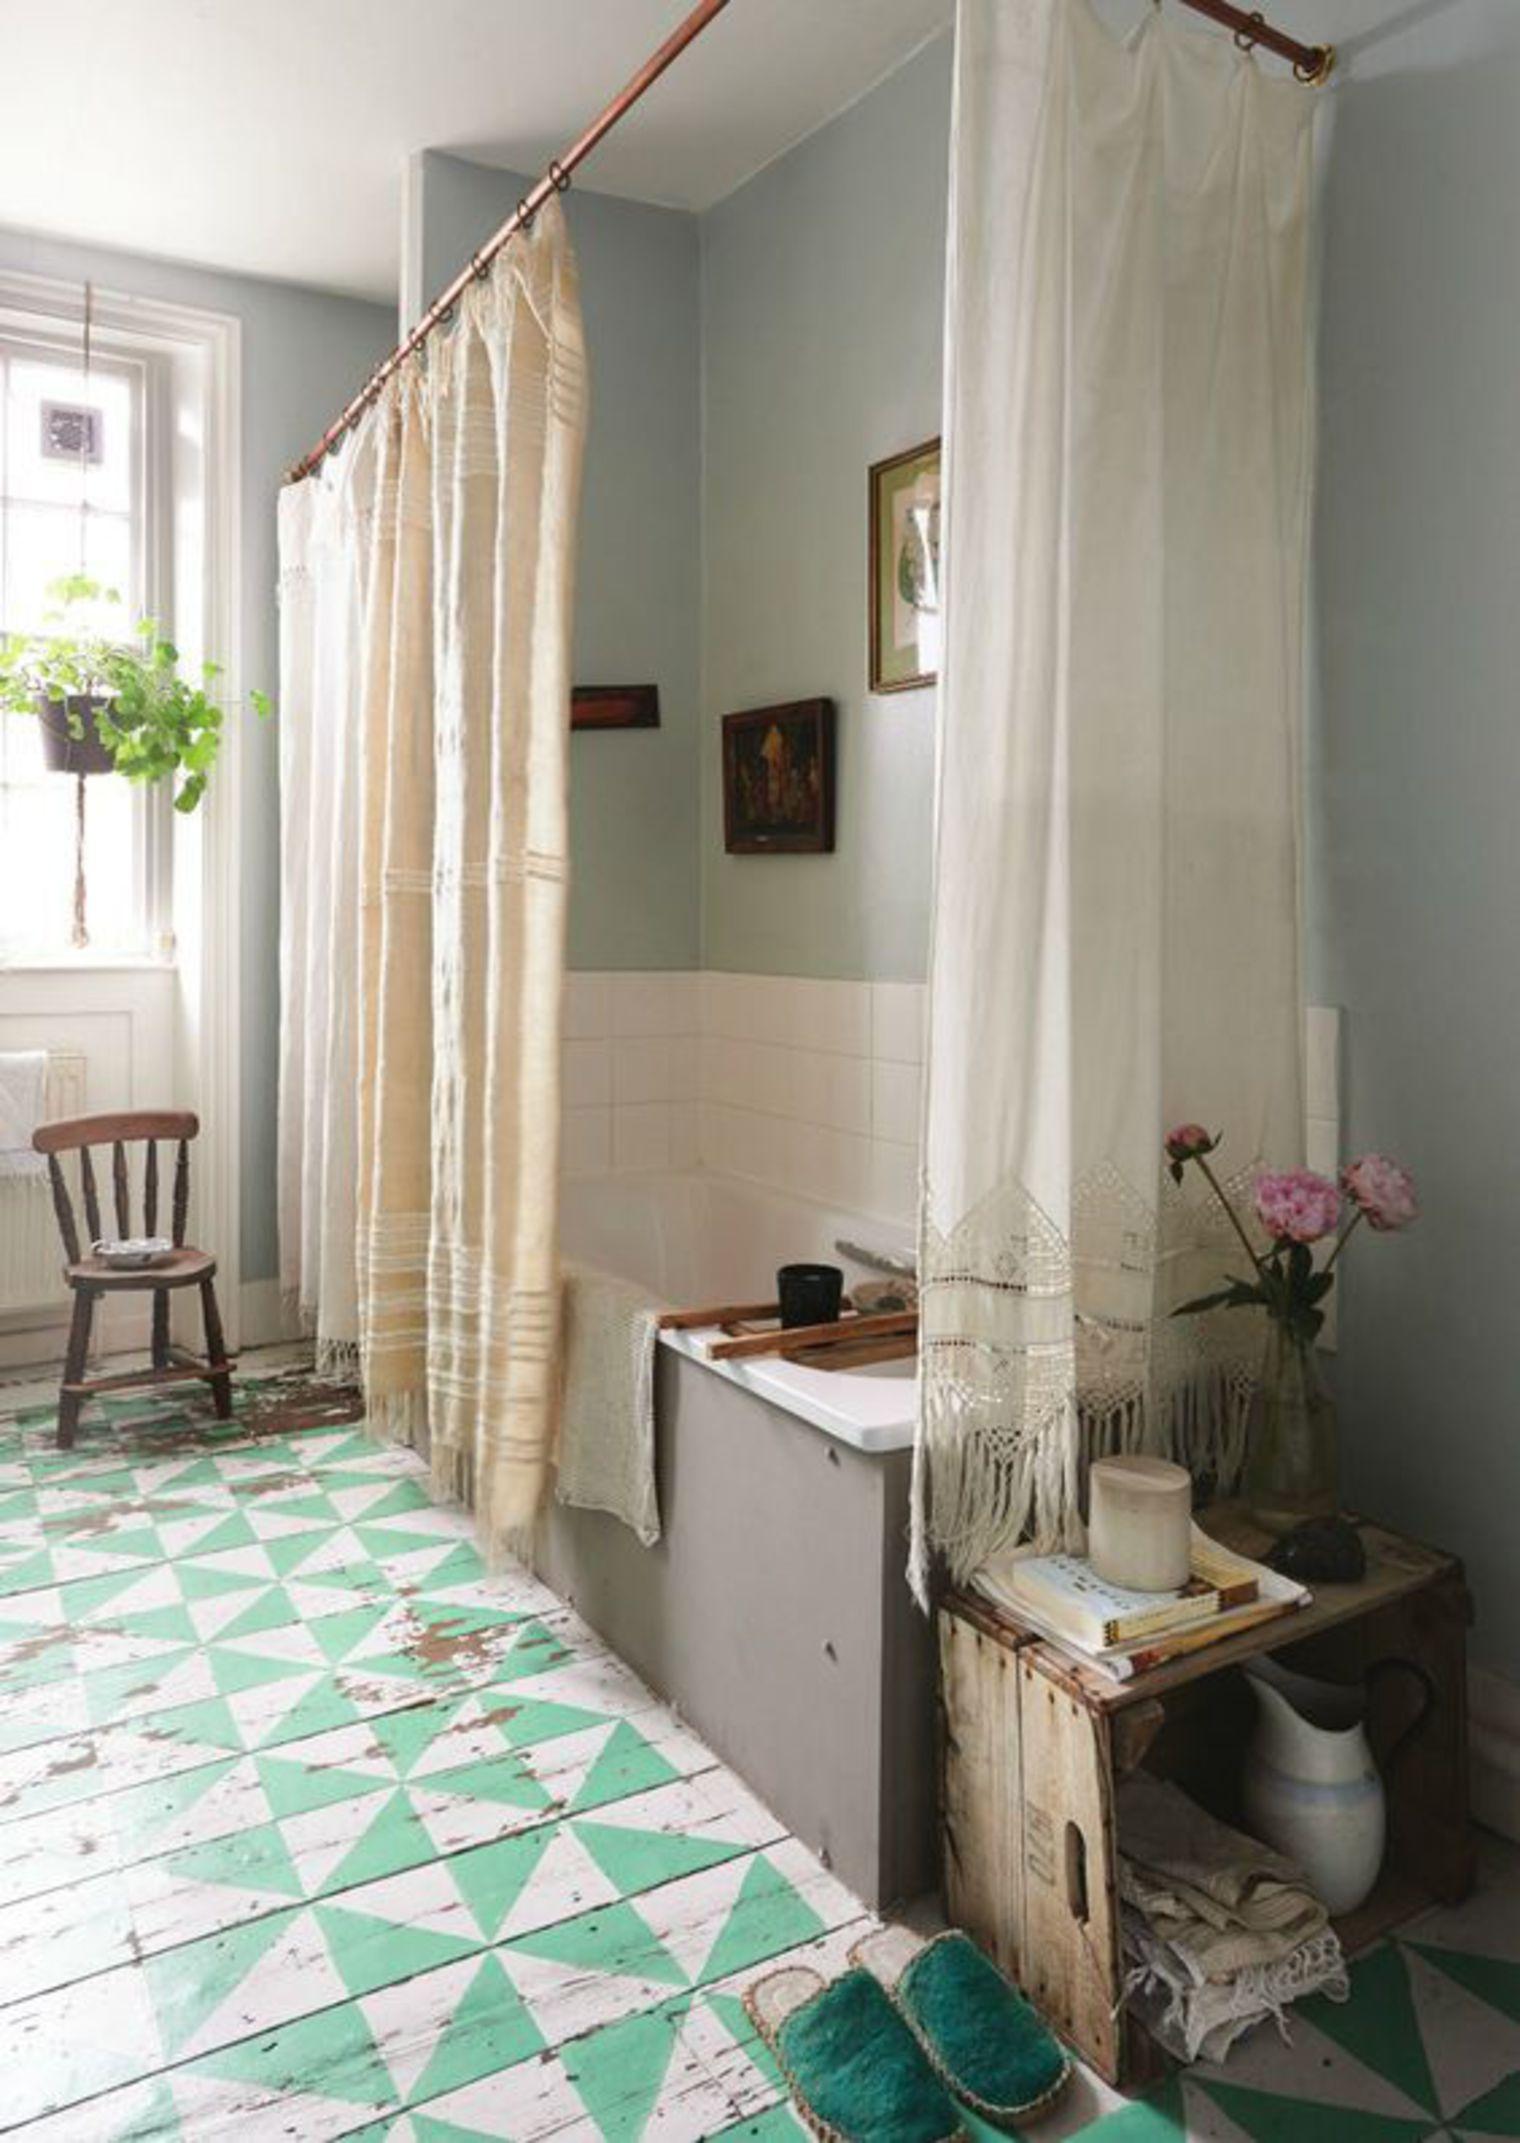 Salle De Bain Revetement 7 revêtements de sol de style pour salle de bains - déco idées